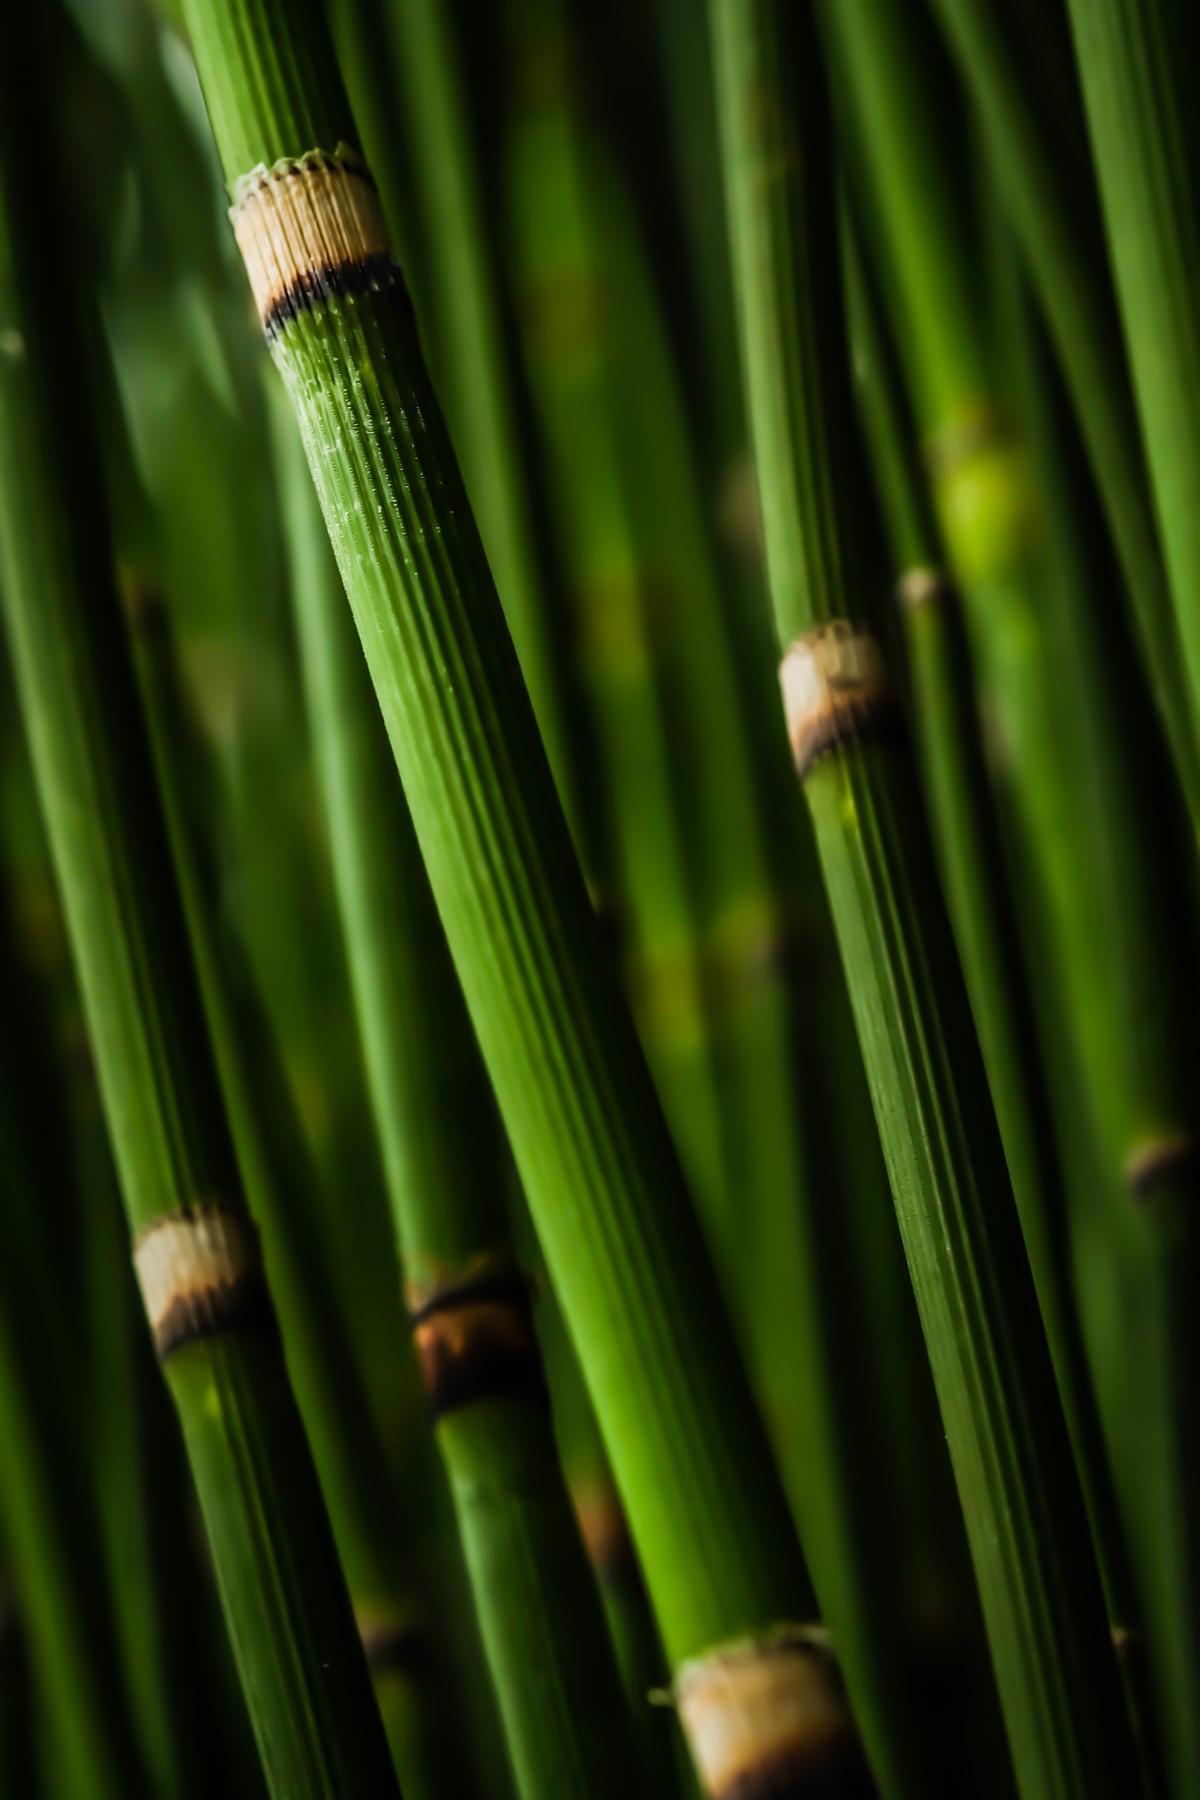 Bamboo tree close up green #40999